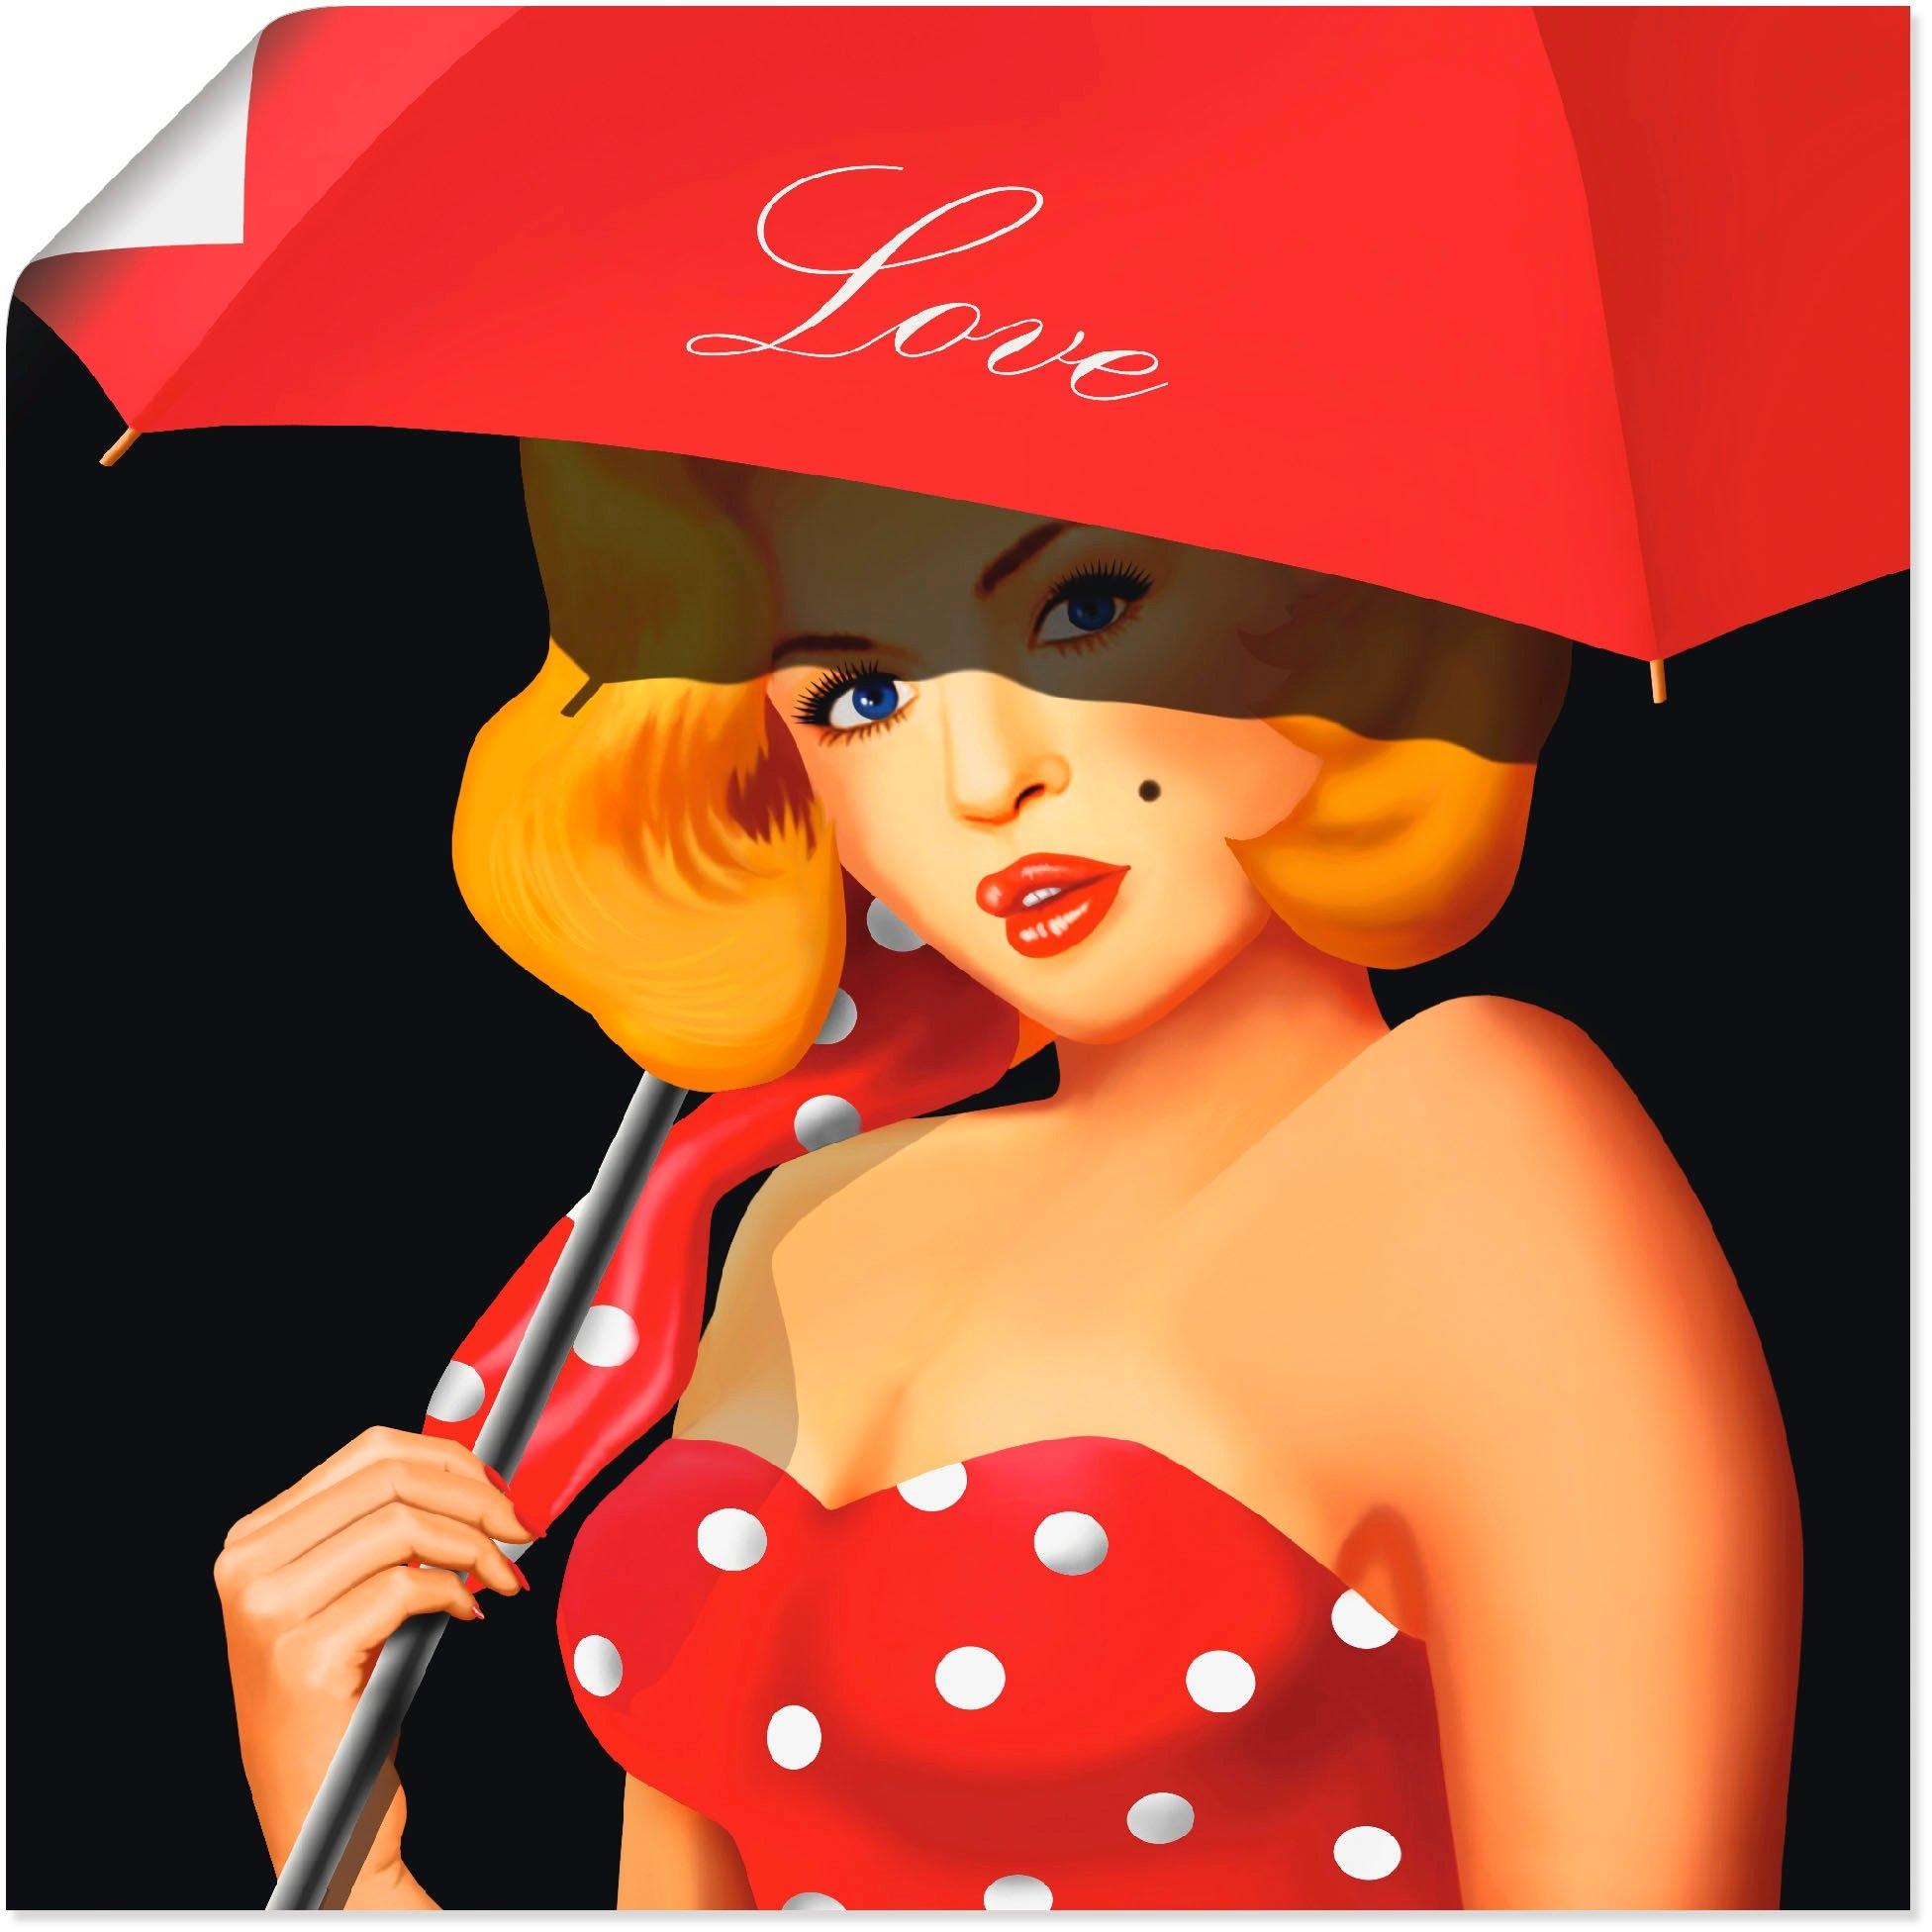 Artland artprint Pin-upgirl onder rode paraplu in vele afmetingen & productsoorten - artprint van aluminium / artprint voor buiten, artprint op linnen, poster, muursticker / wandfolie ook geschikt voor de badkamer (1 stuk) nu online kopen bij OTTO